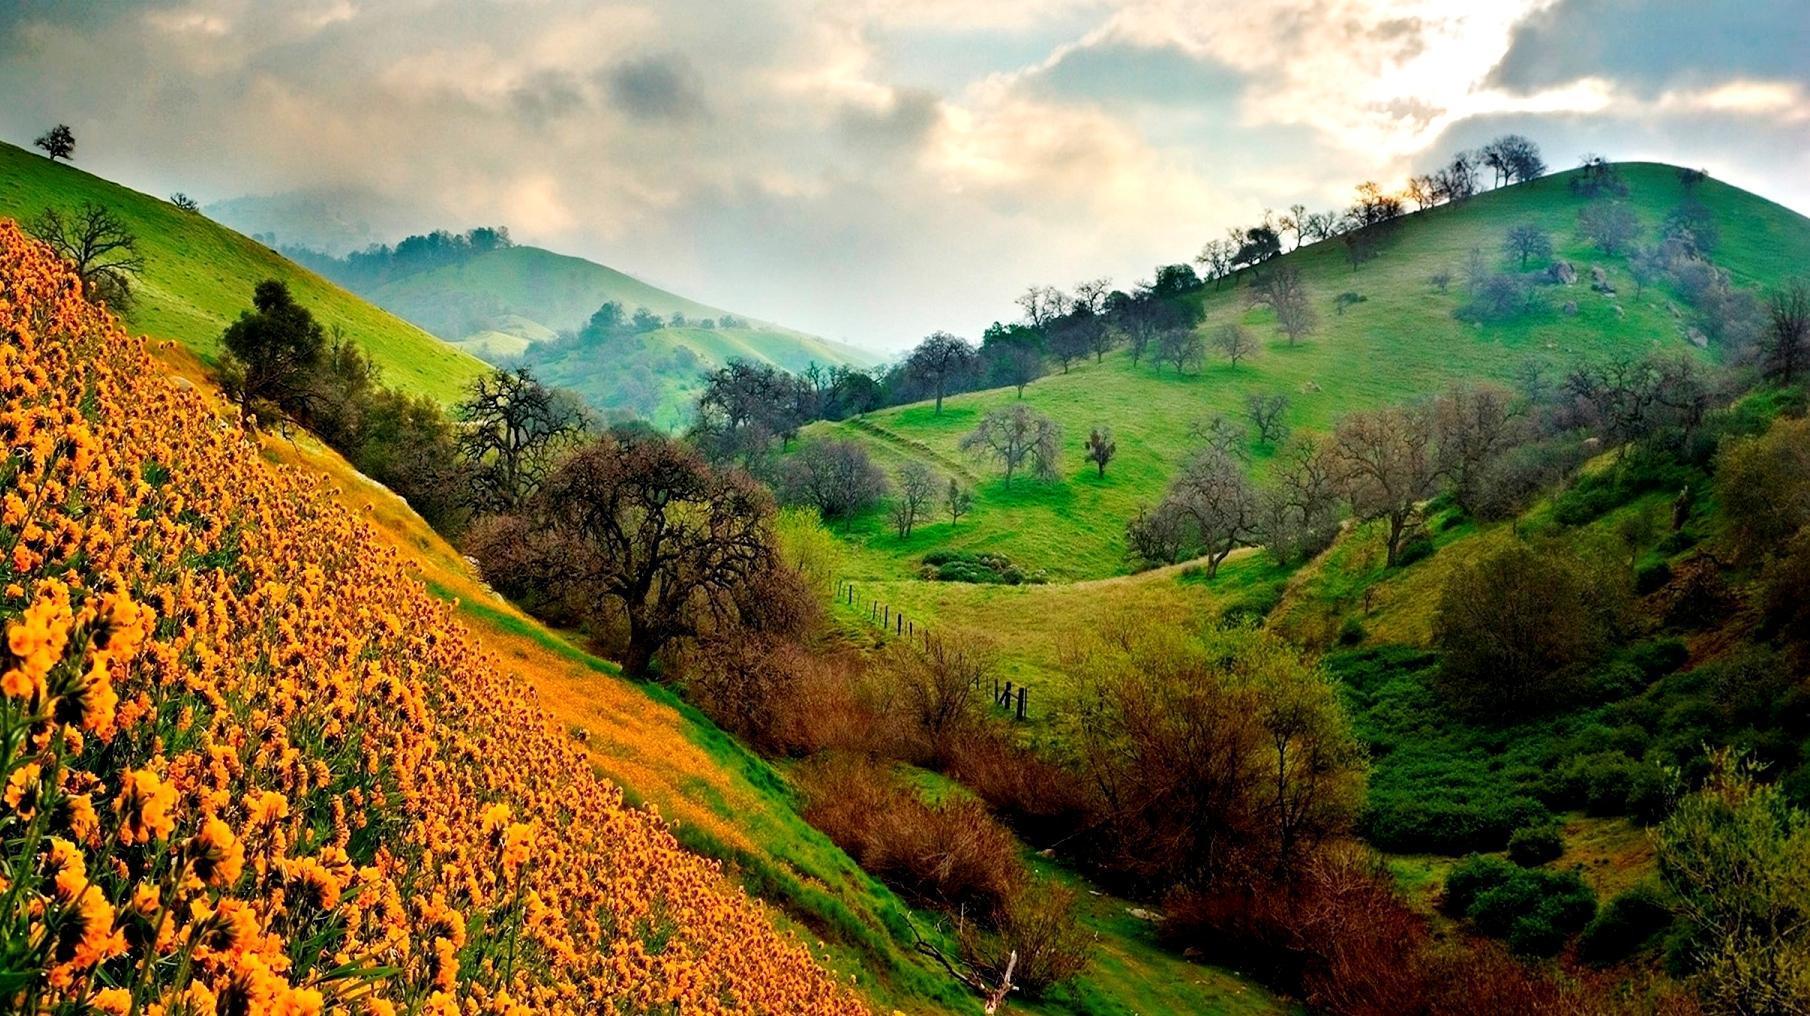 Natura paesaggio hd sfondo del desktop widescreen lalta definizione fullscreen